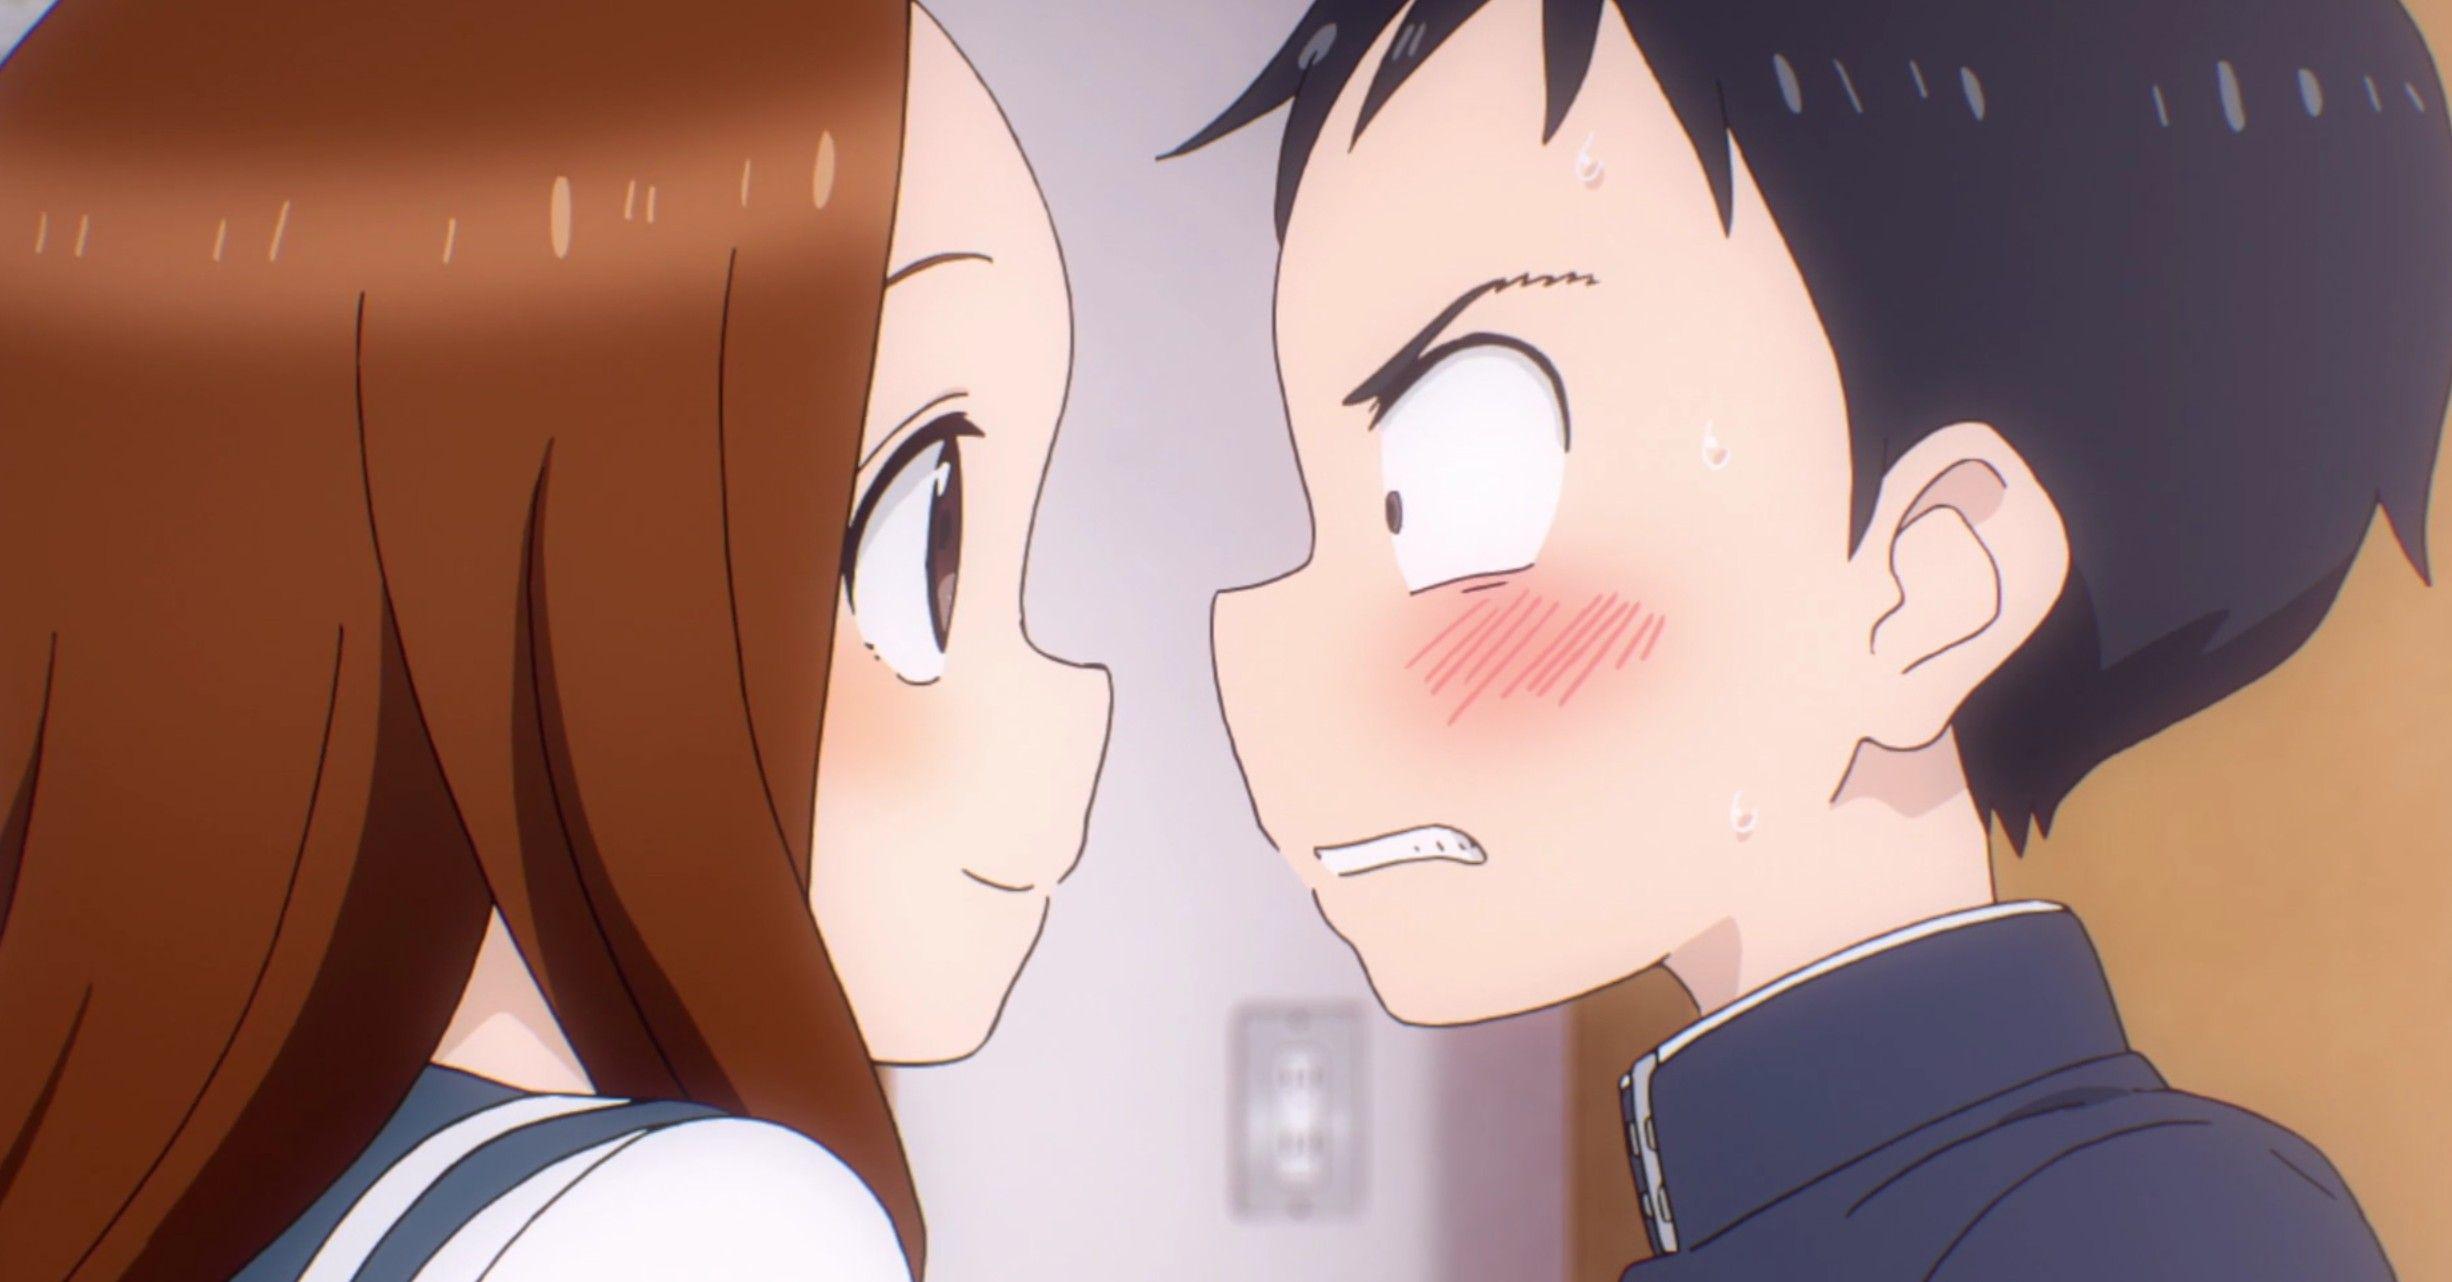 Ghim của Khairul Nizar trên My Favourite Anime Đang yêu